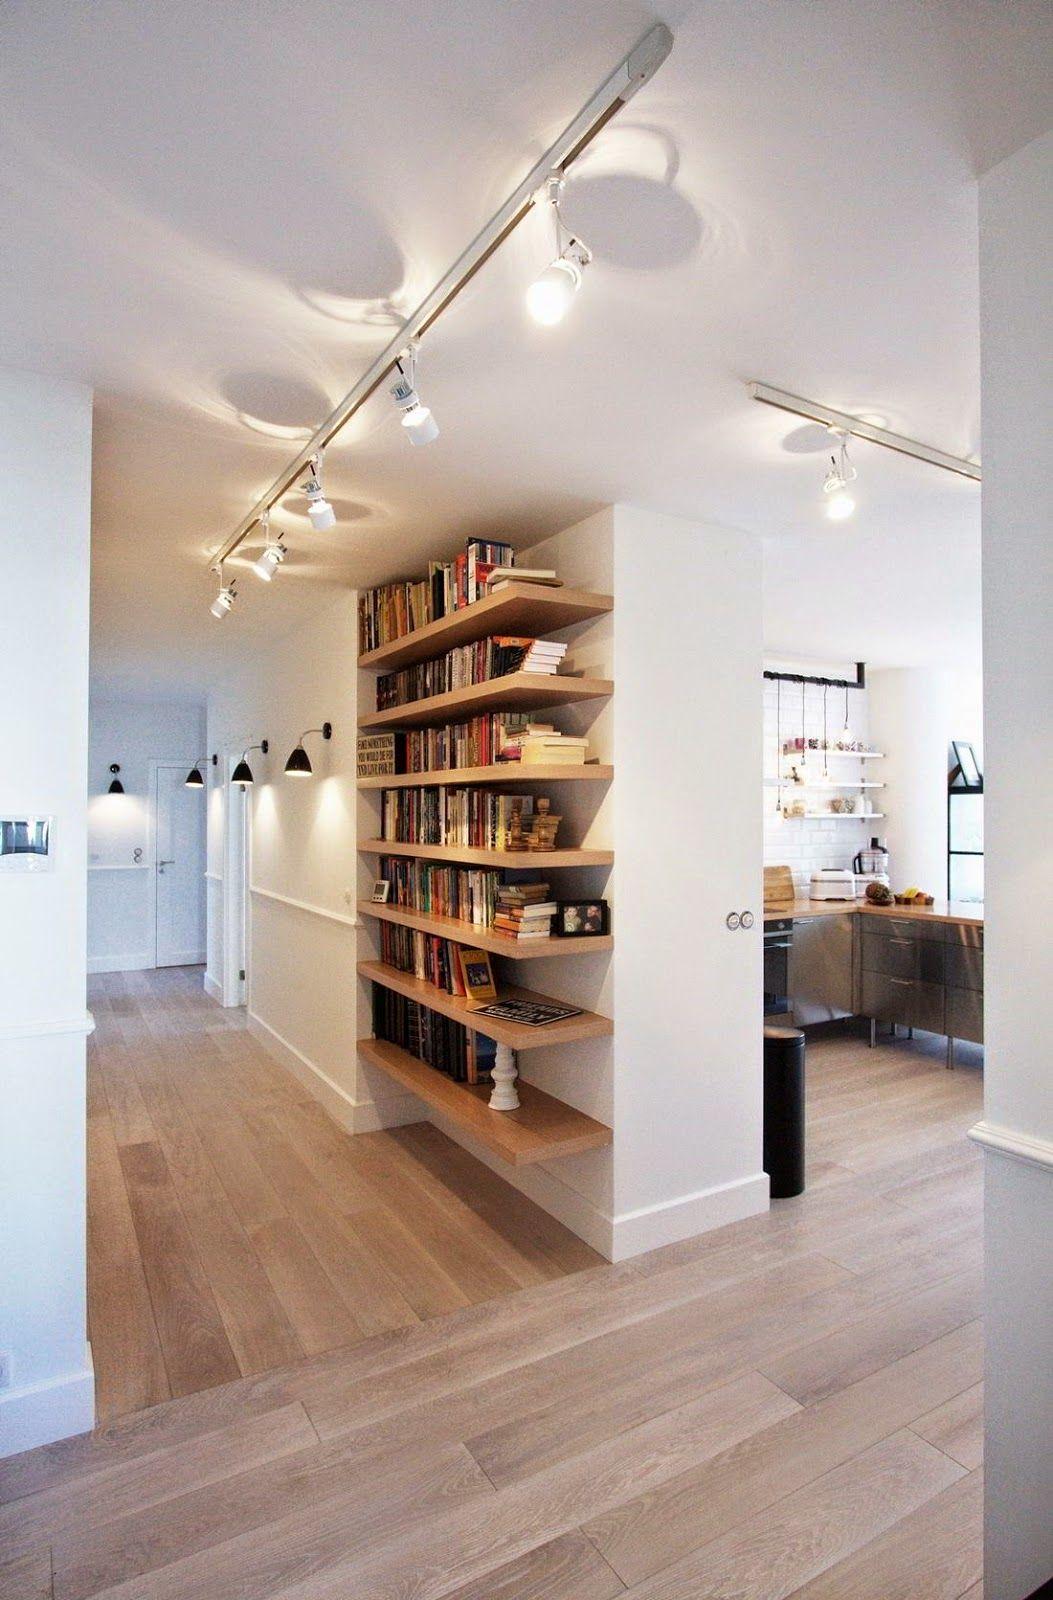 Maison Decor Tin Ceilings: BLANC ET NOIR, BOIS ET MÉTAL